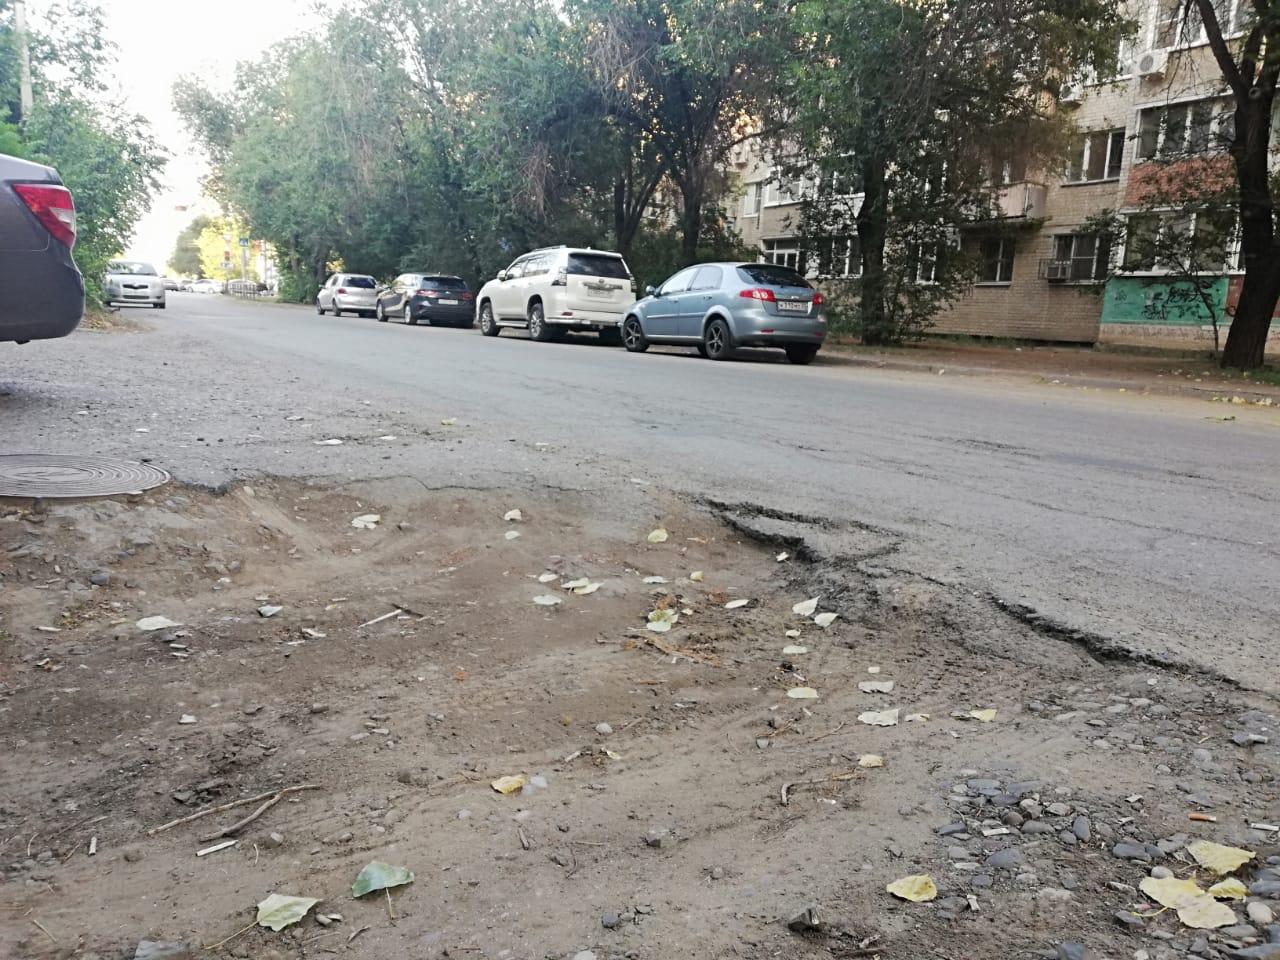 на ул. Ахшарумова в Астархани 4 В Астрахани улица Ахшарумова может стать недоступной для автомобилистов